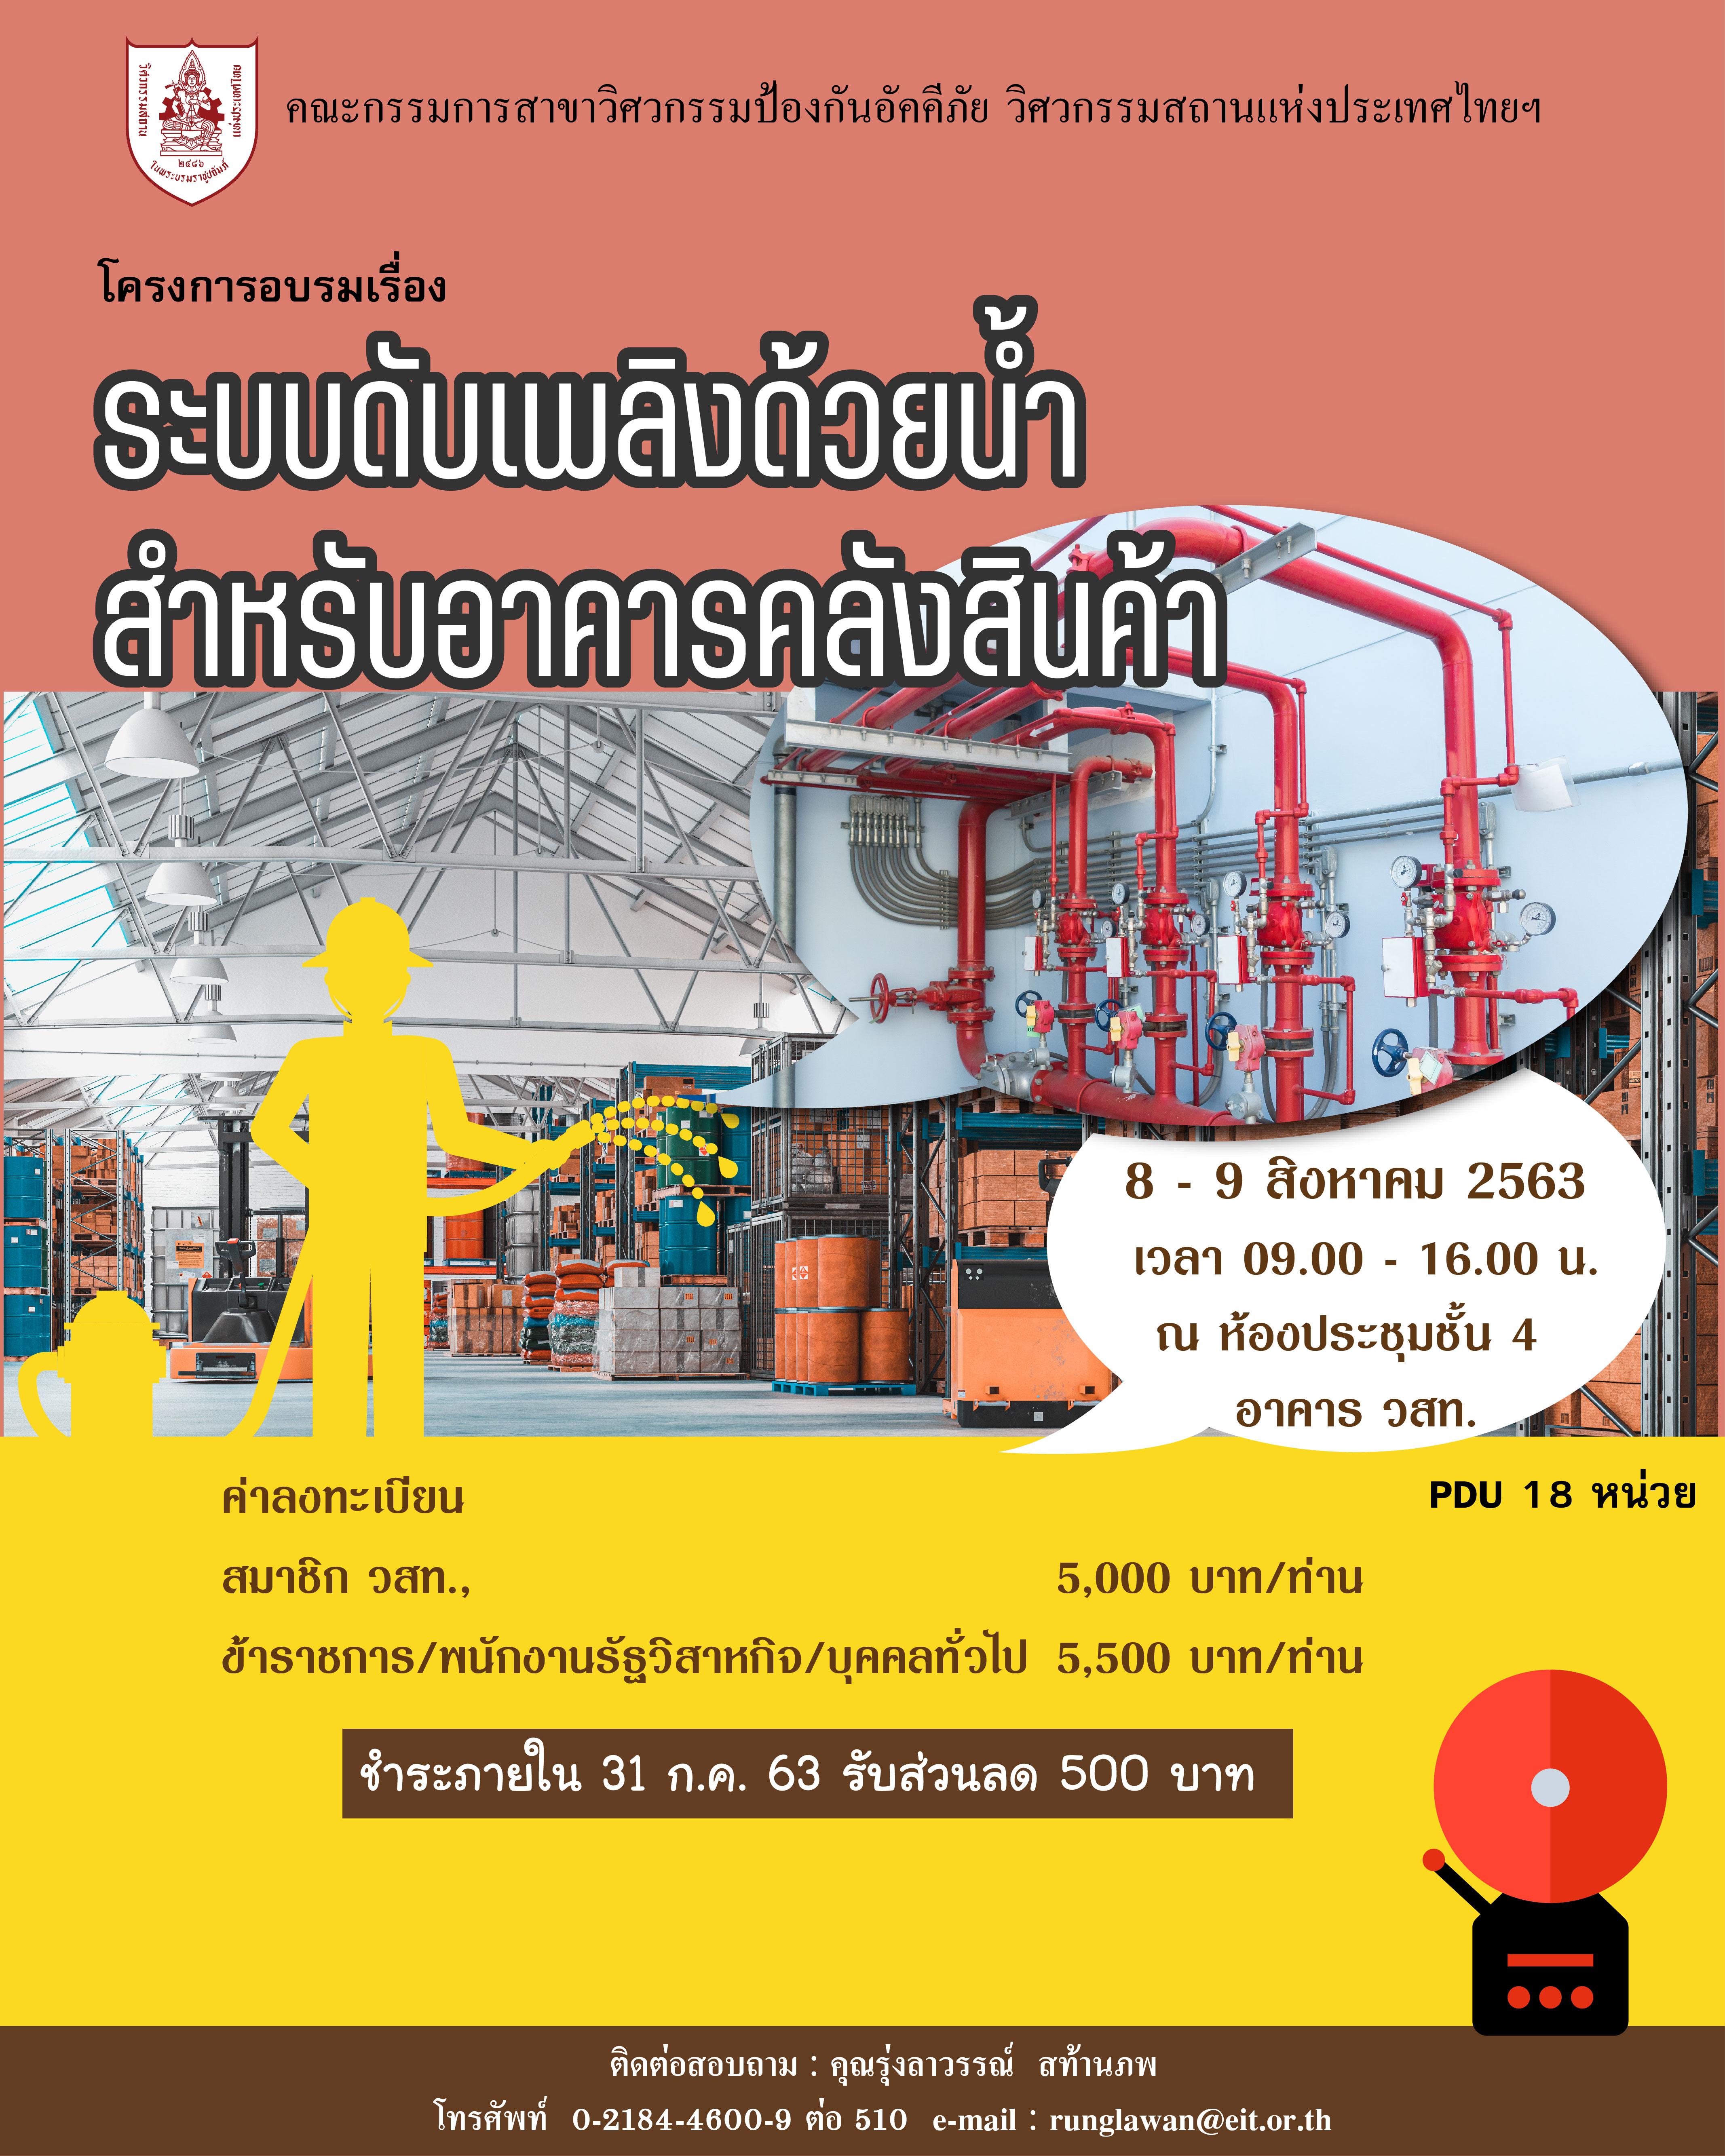 8-9/08/2563 การอบรมเชิงปฏิบัติการเรื่อง ระบบดับเพลิงด้วยน้ำสำหรับอาคารคลังสินค้า รุ่นที่ 1